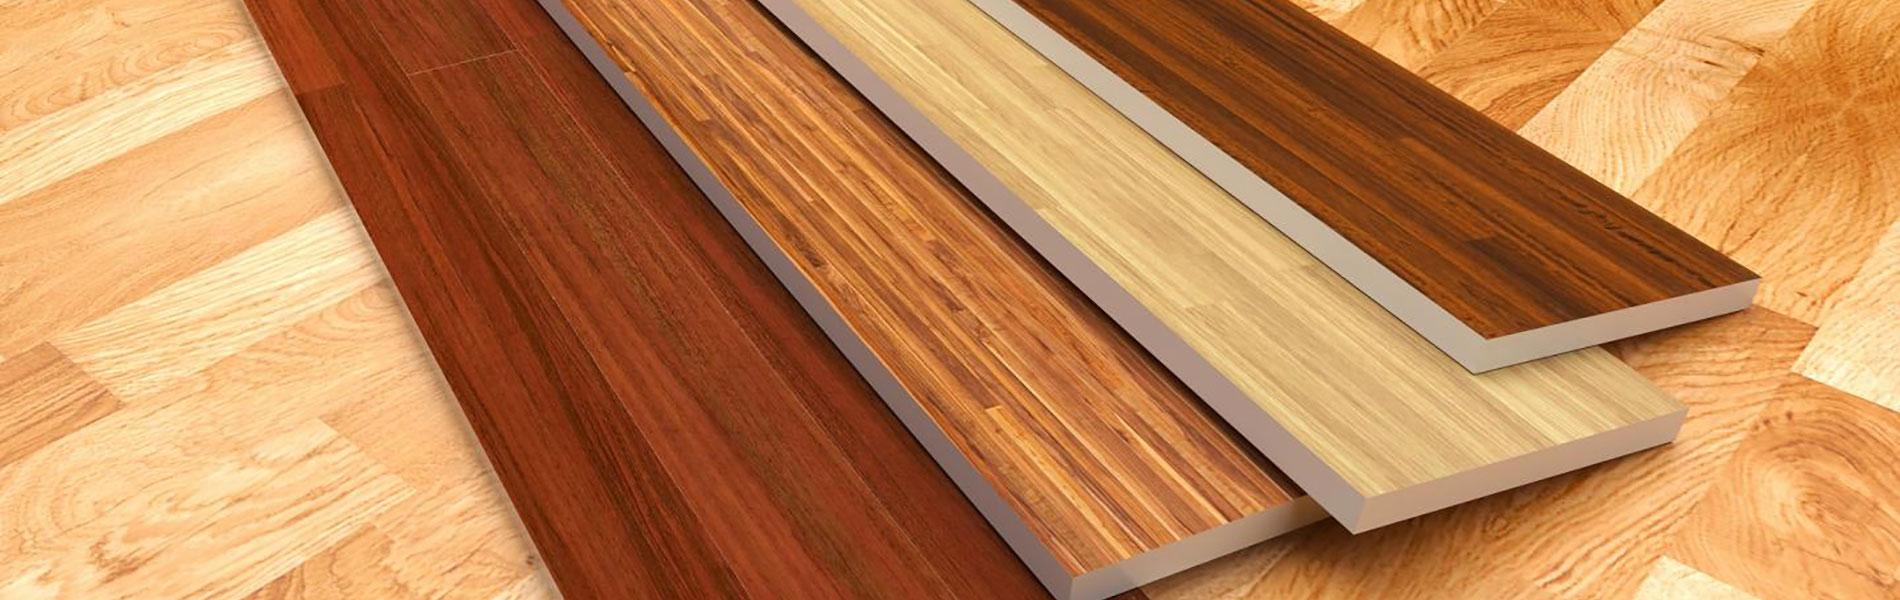 Floor Installation Taupo